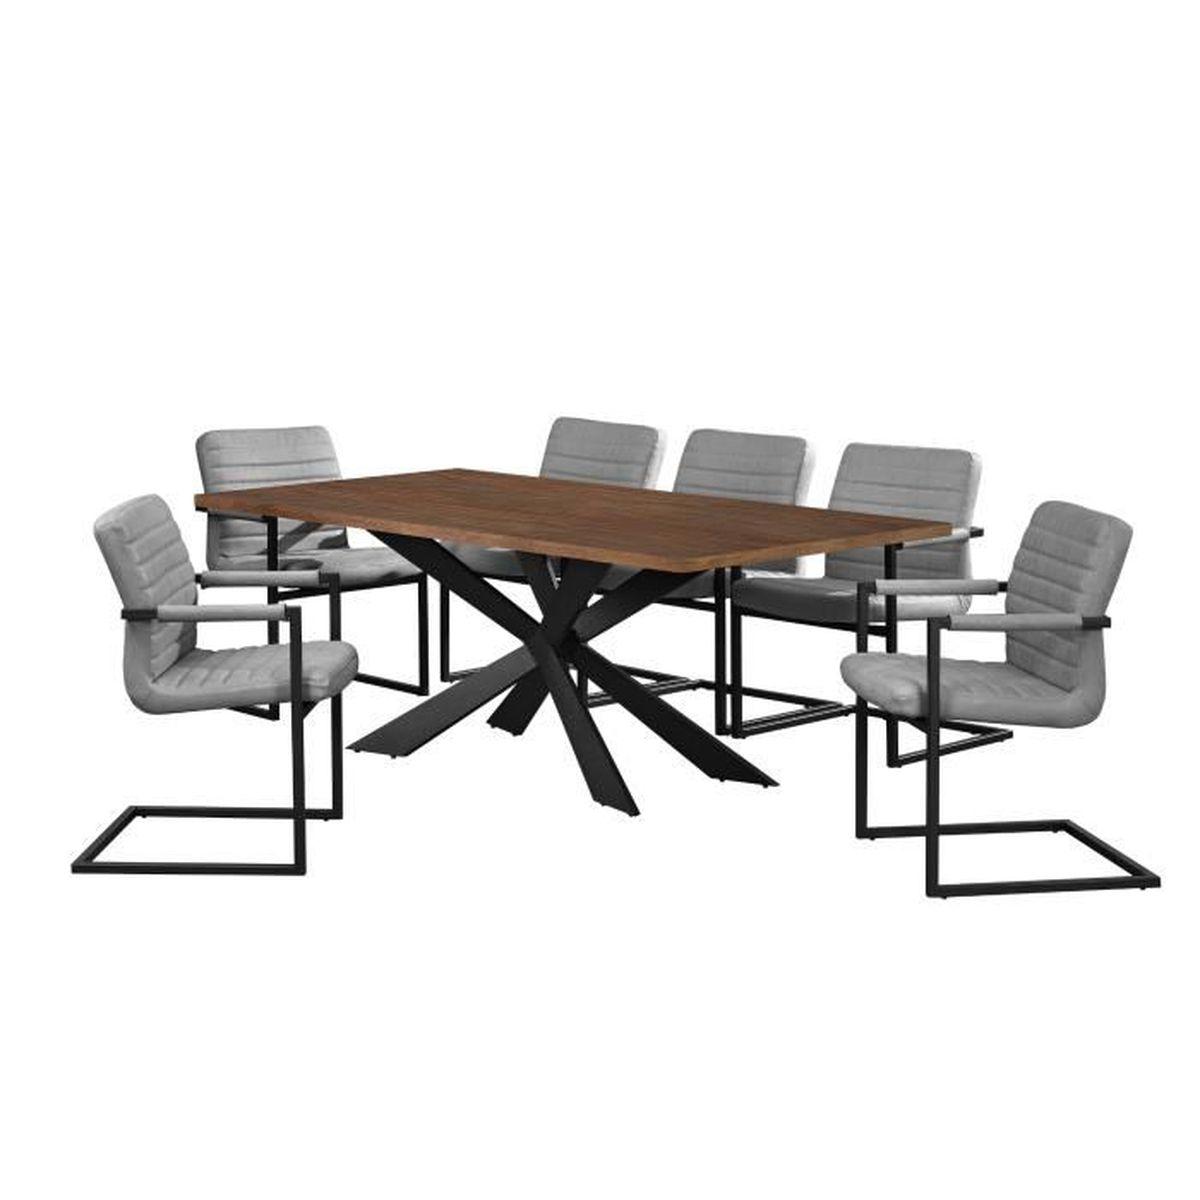 Table de salle manger noix avec 6 chaises - Table de cuisine avec chaises ...